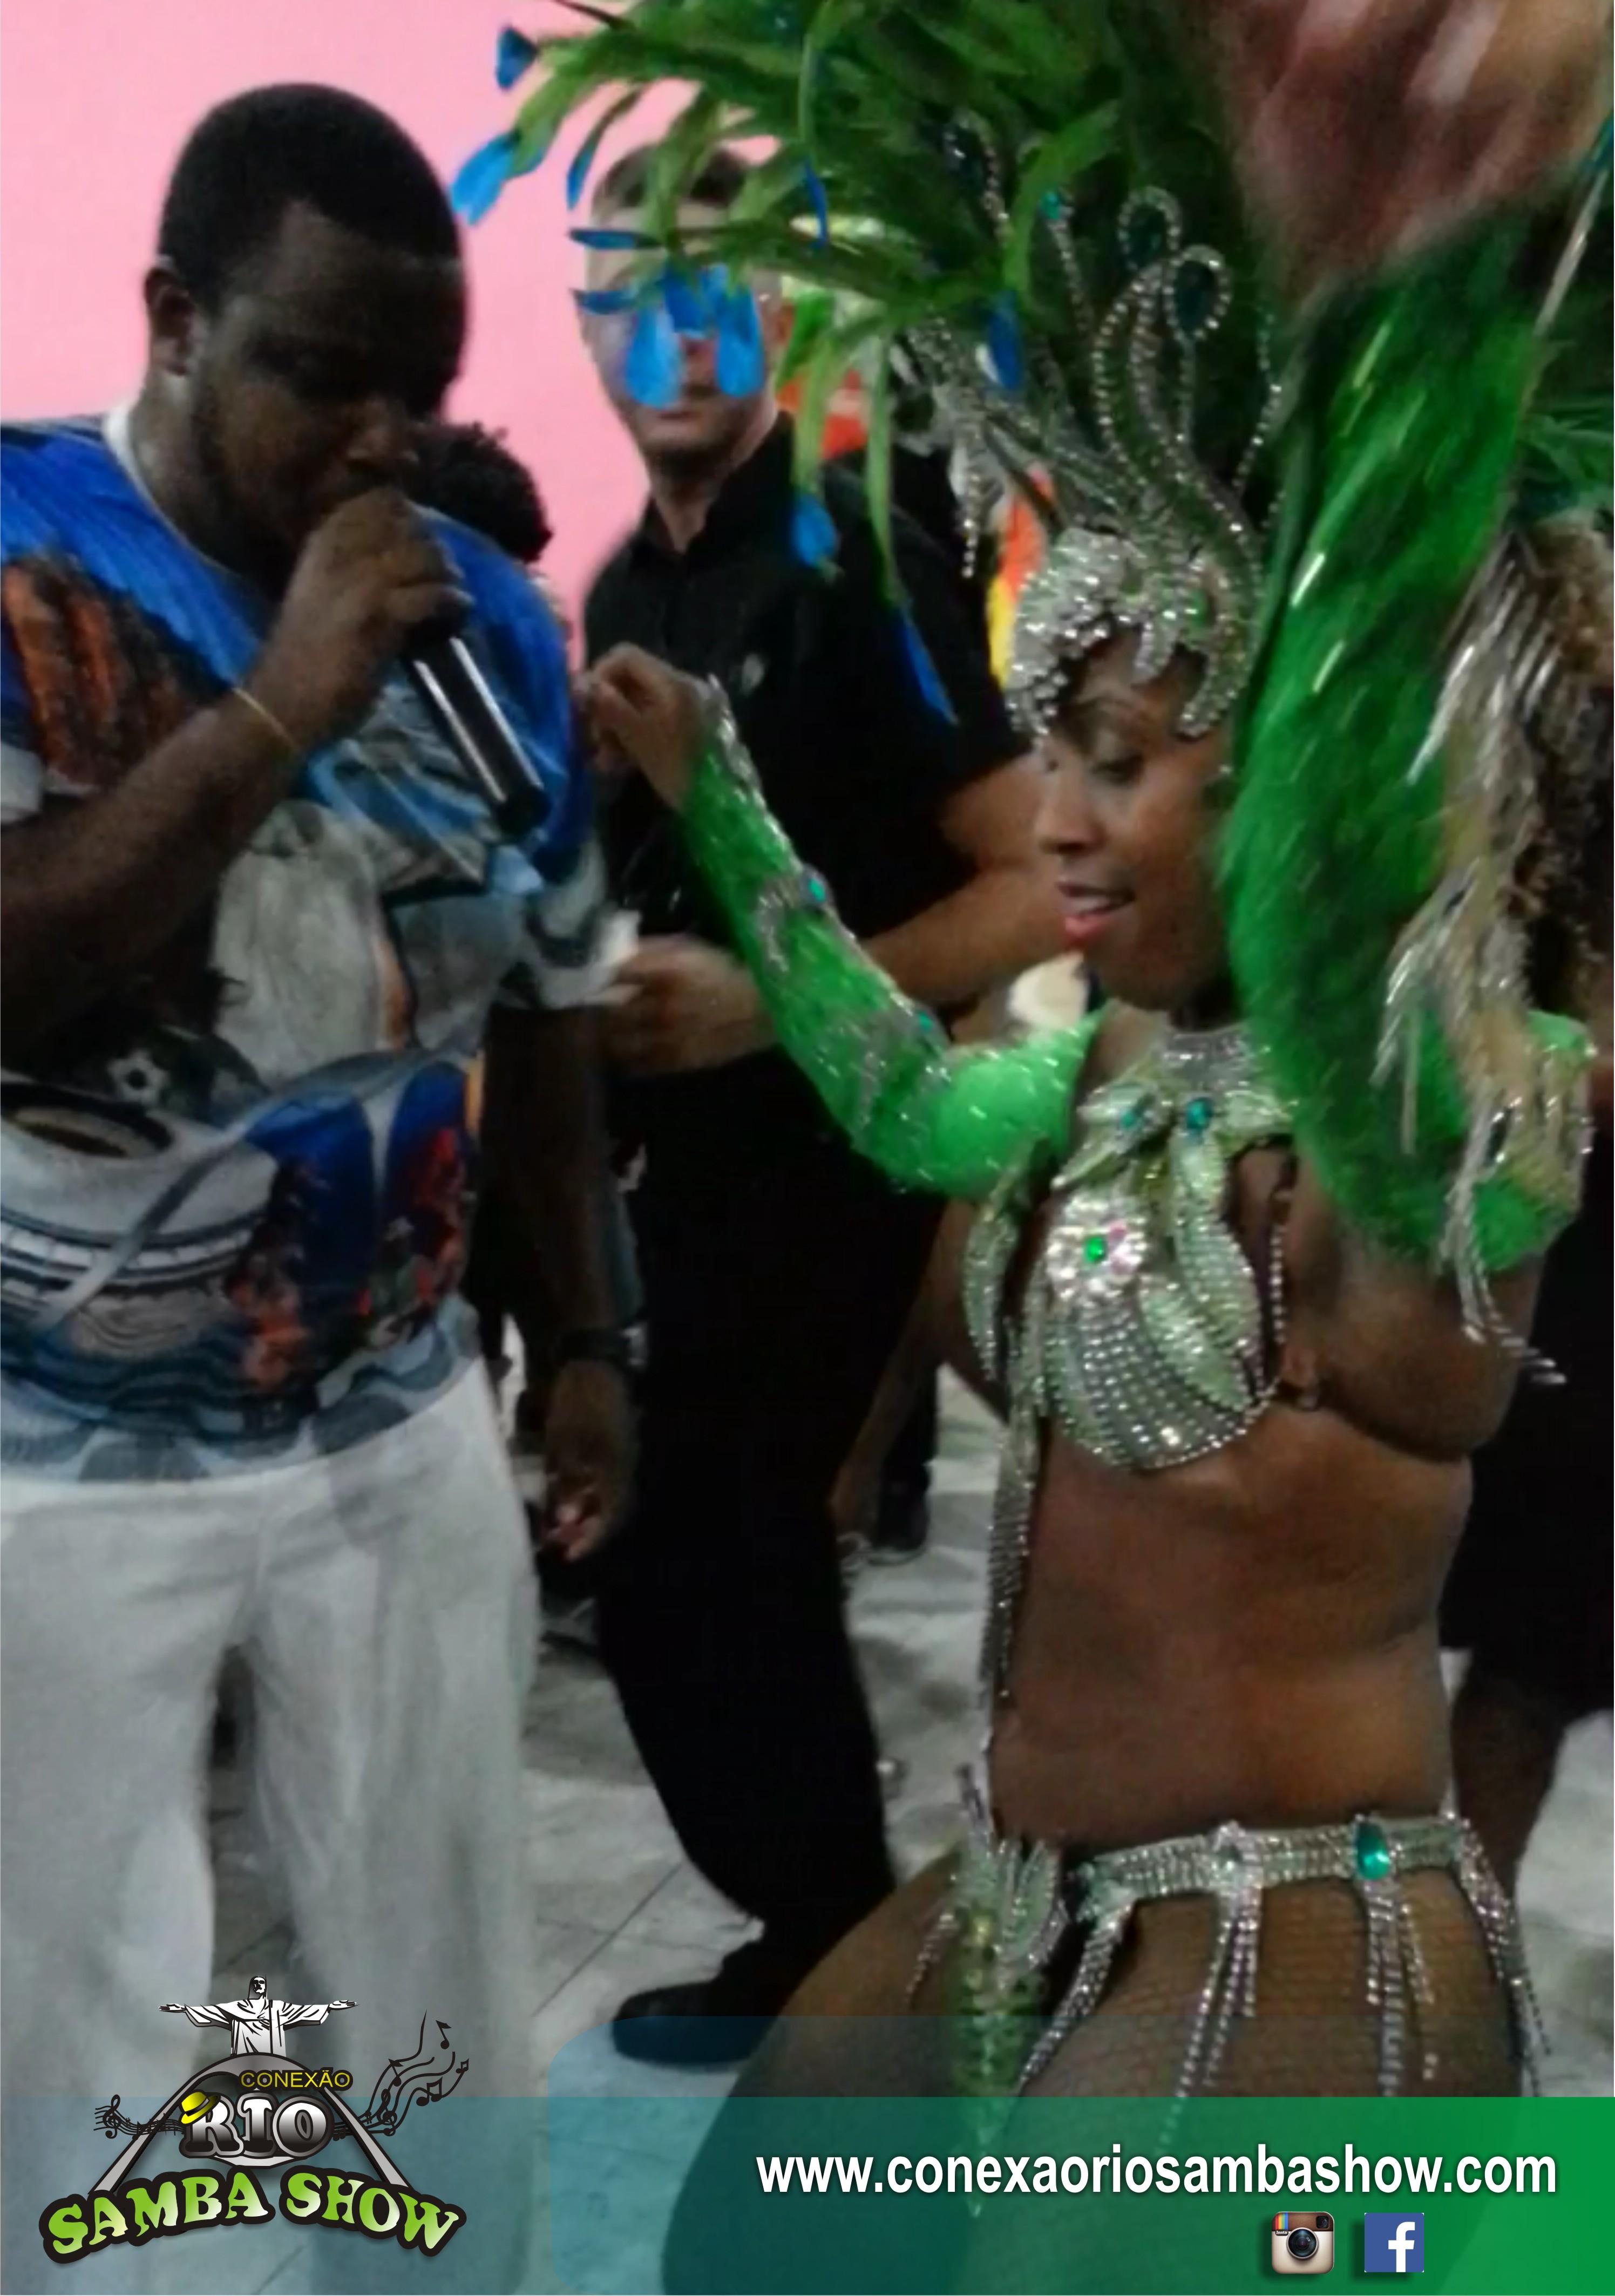 conexão_rio_samba_show_28.jpg